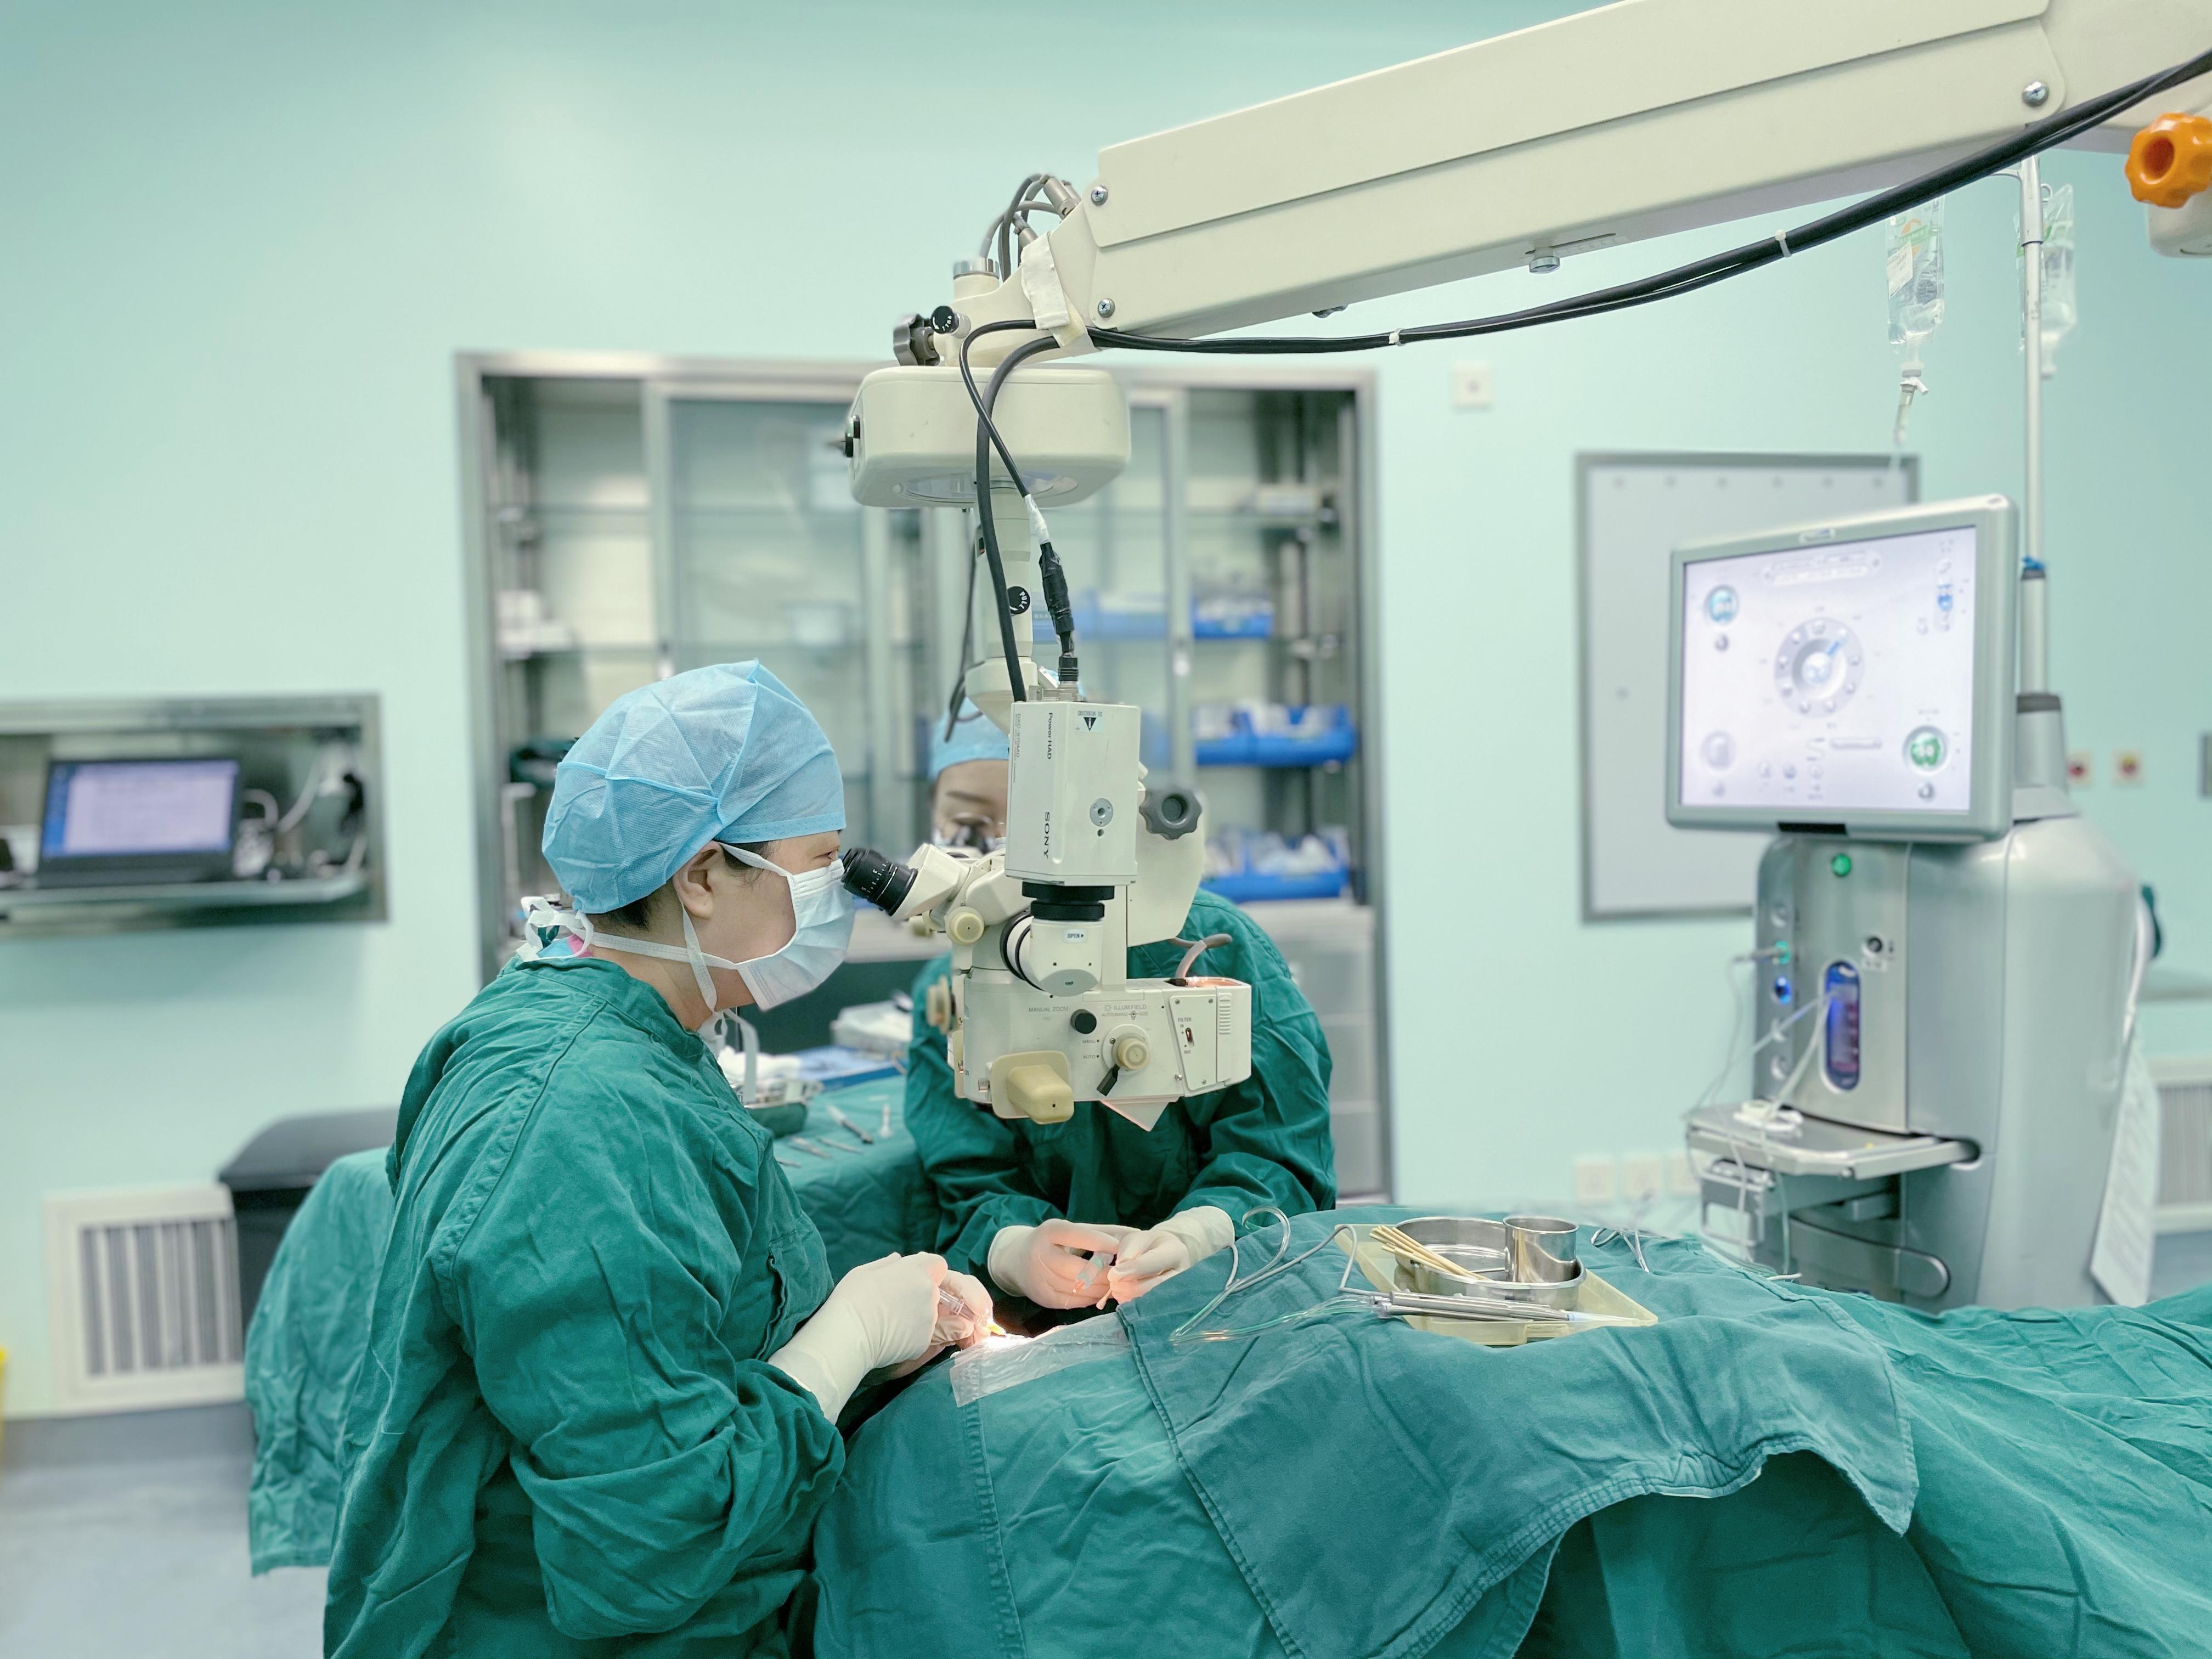 老汉打板栗眼睛「很受伤」  三次手术才保住眼球和视力